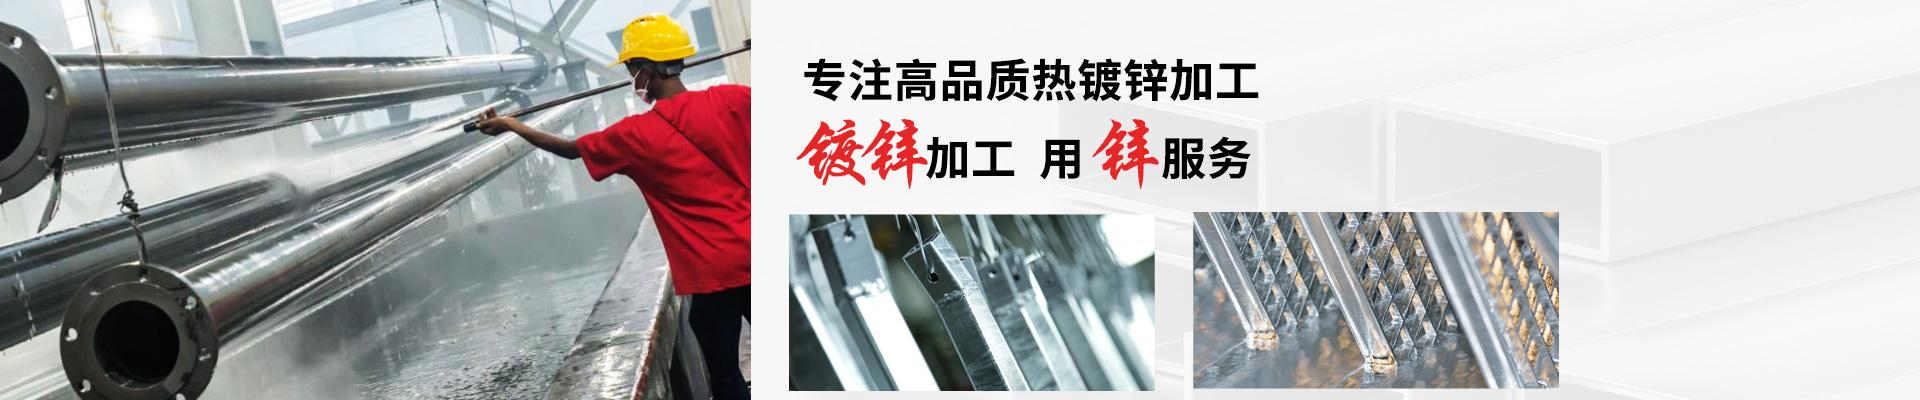 锌得利-专注高品质热镀锌加工